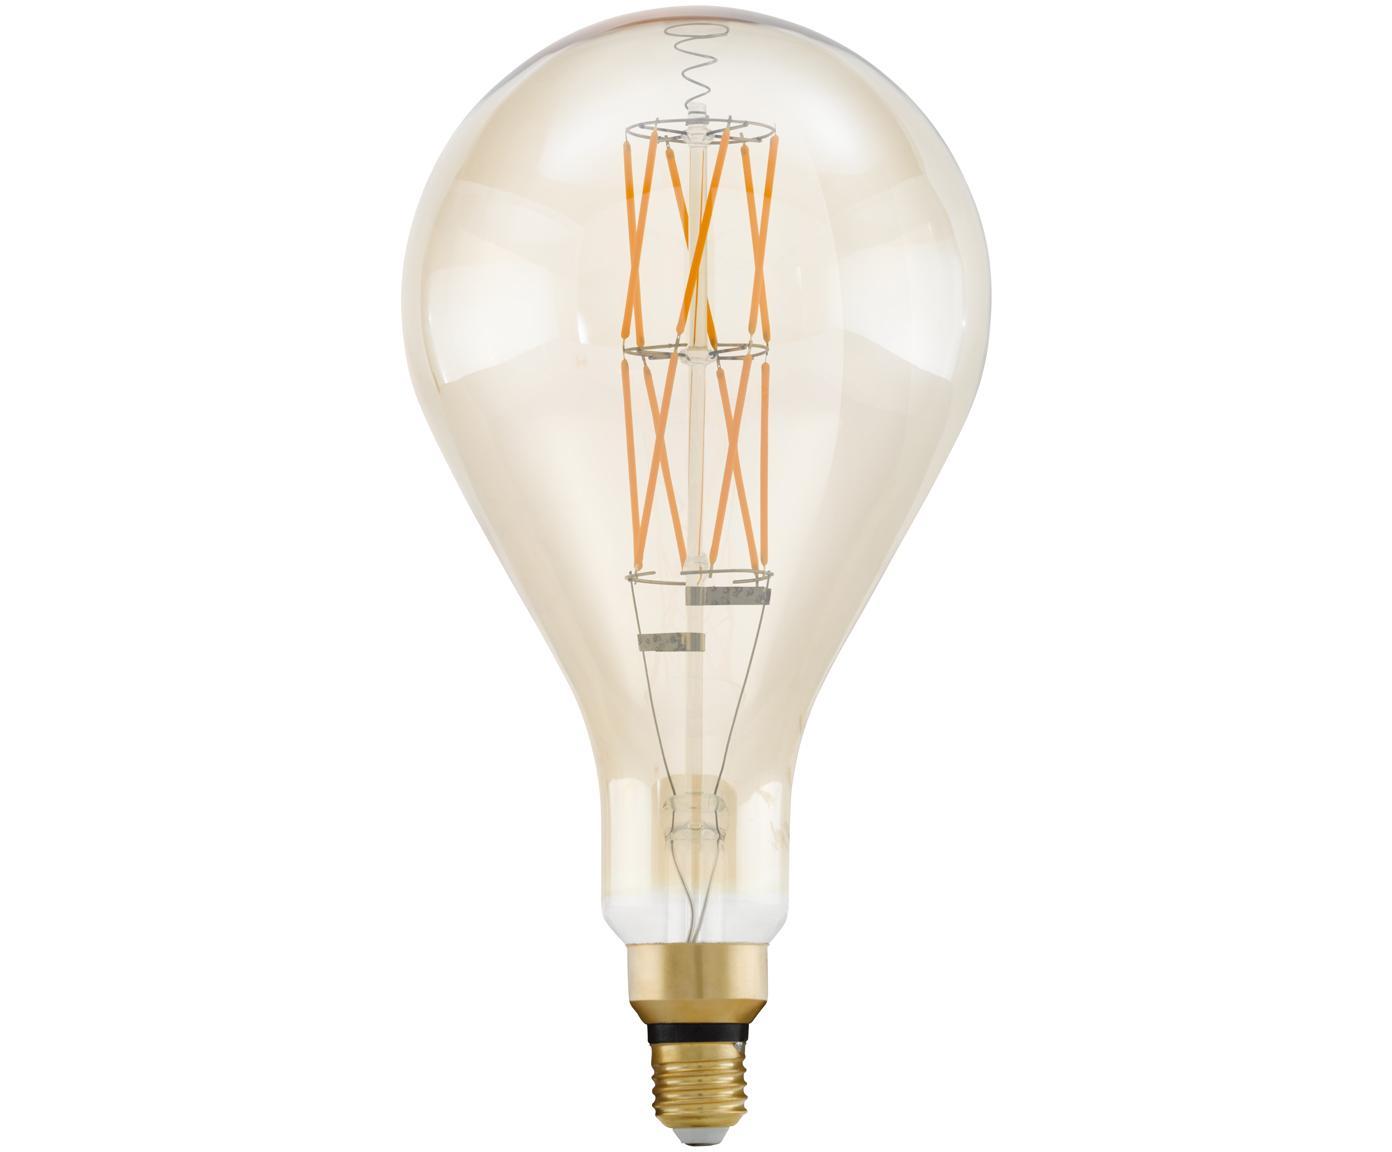 Bombilla LED grande Crisscross (E27/8W), Ampolla: vidrio, Casquillo: aluminio, Transparente, ámbar, Ø 16 x Al 30 cm